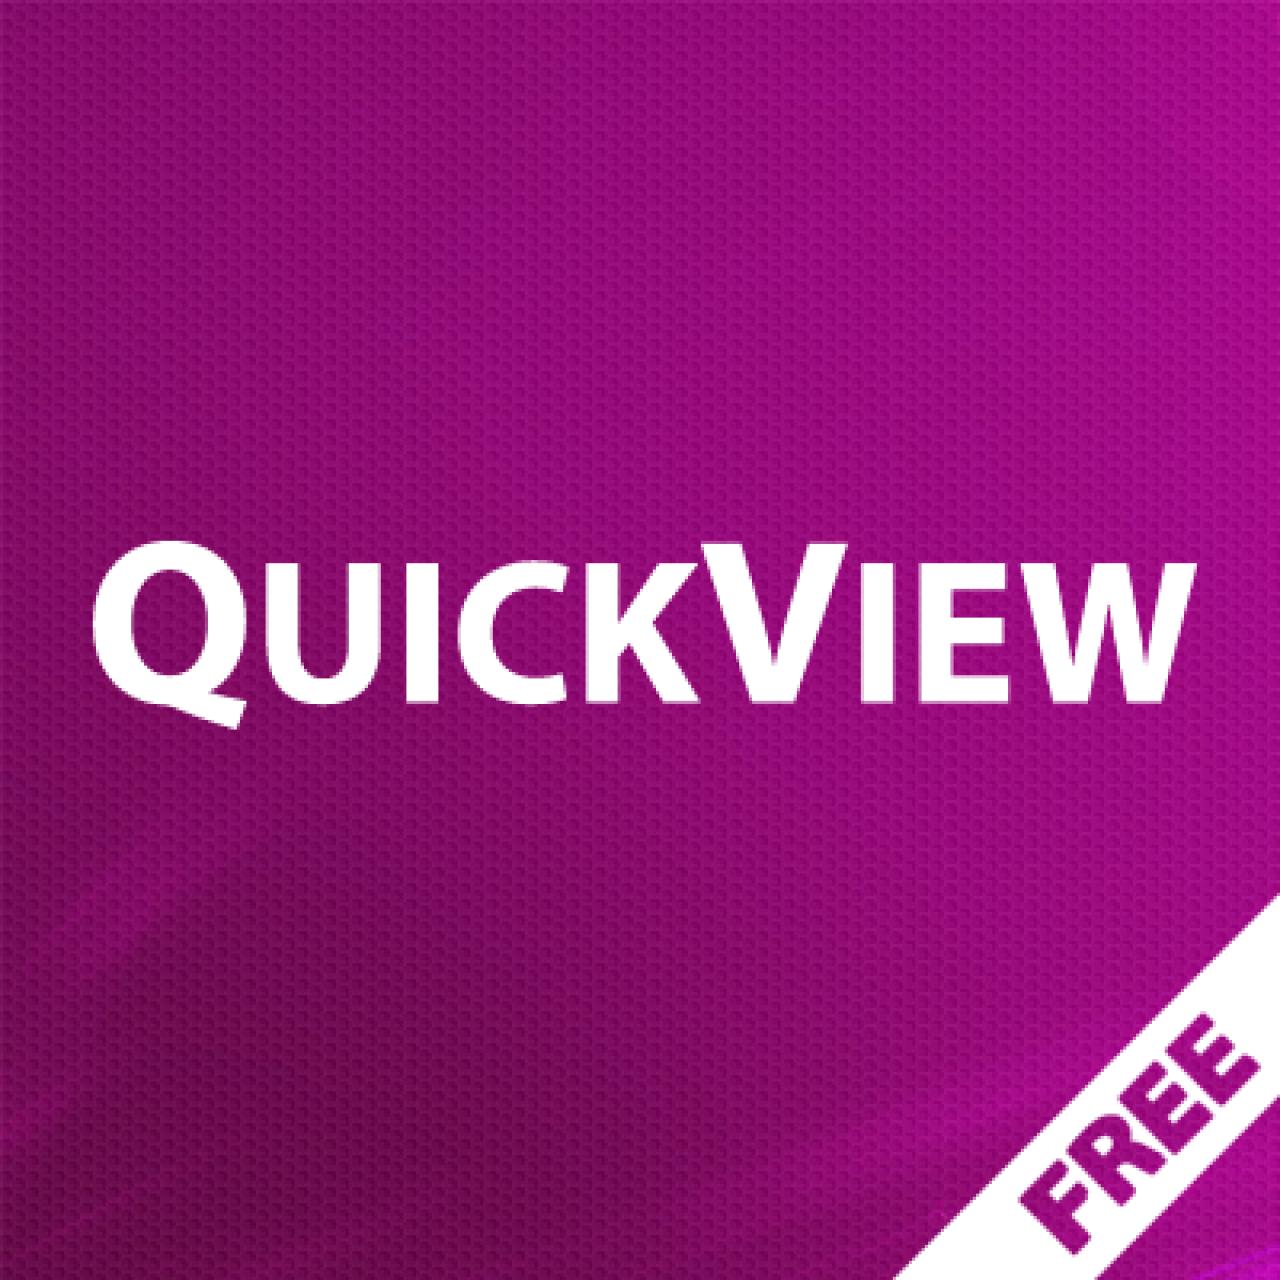 QuickView - ссылки для быстрого просмотра из админки из категории Админка для CMS OpenCart (ОпенКарт)